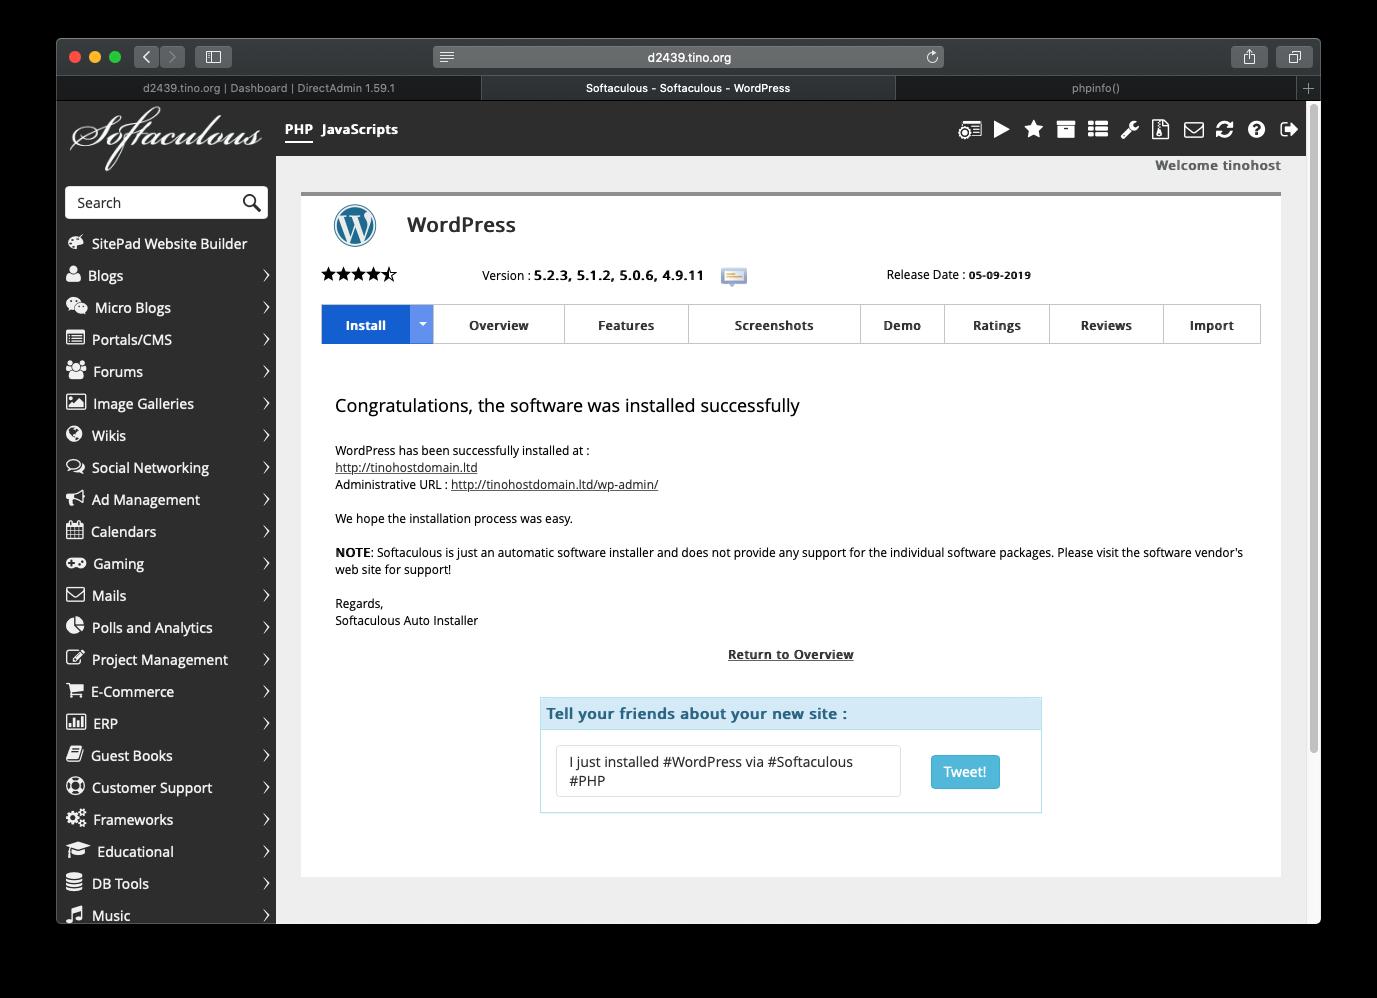 [DirectAdmin] - Hướng dẫn cài đặt Wordpress nhanh chóng trên hosting Directadmin 15